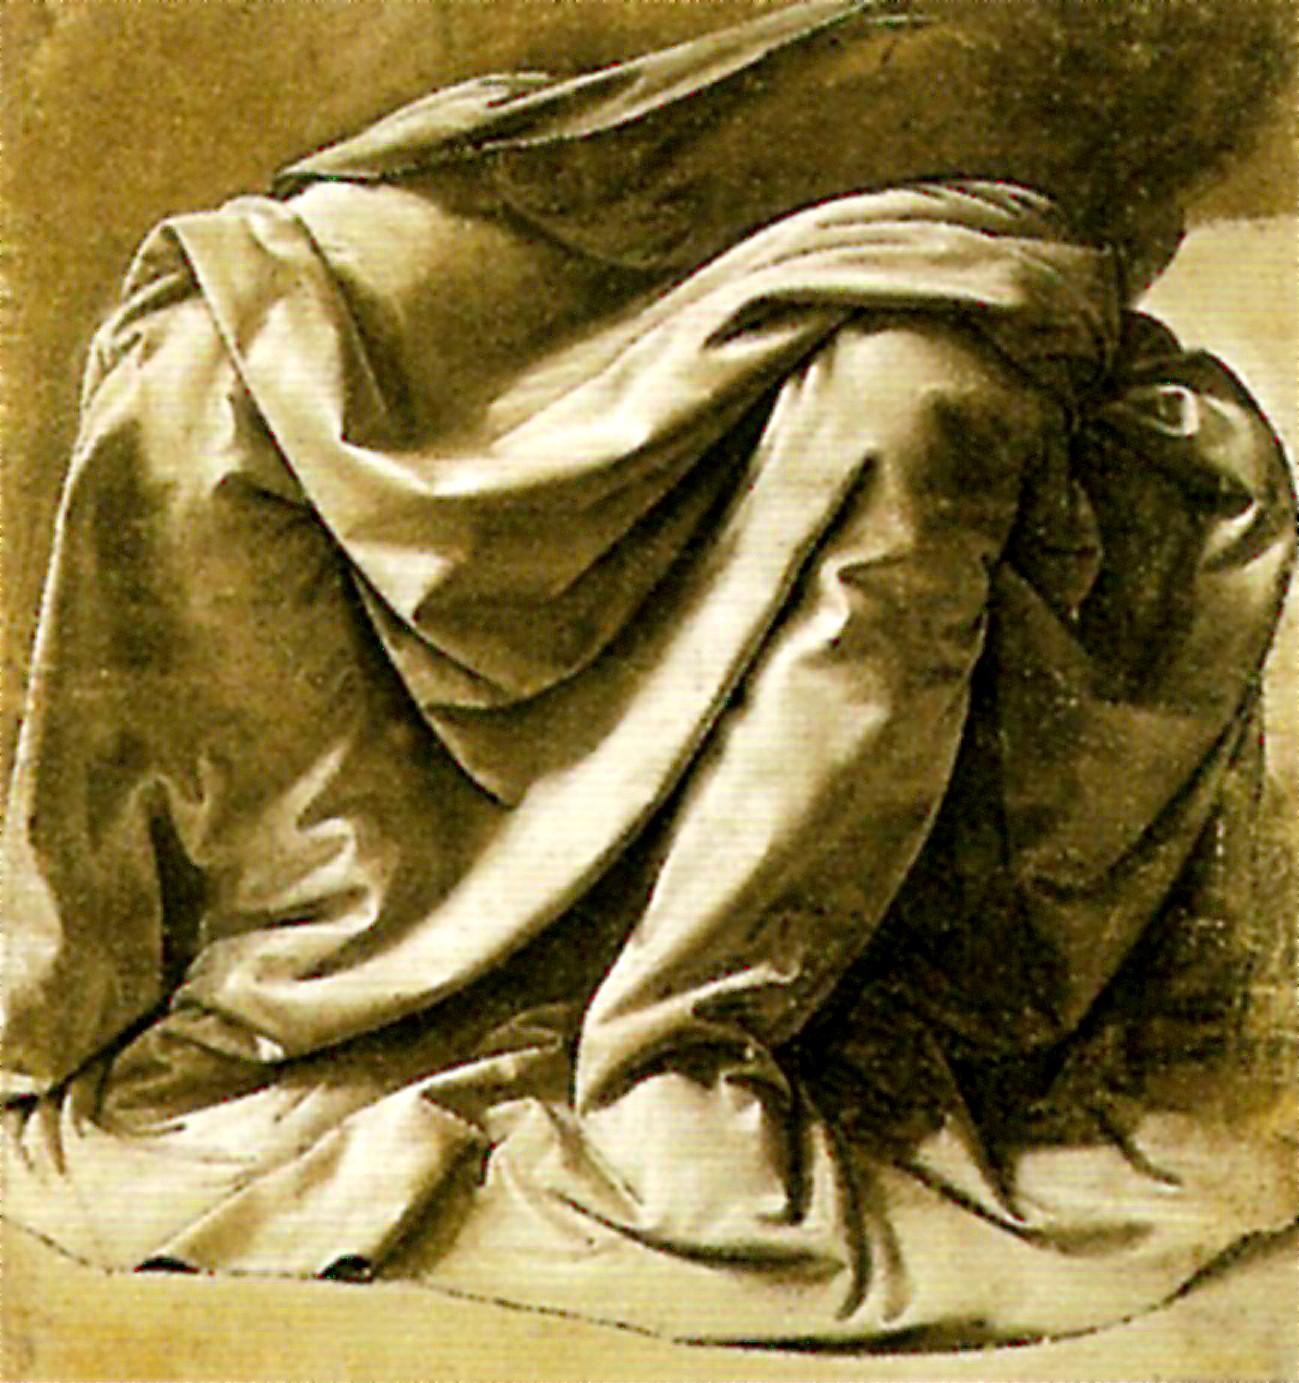 Zwiastowanie Obraz Leonarda Da Vinci Wikipedia Wolna